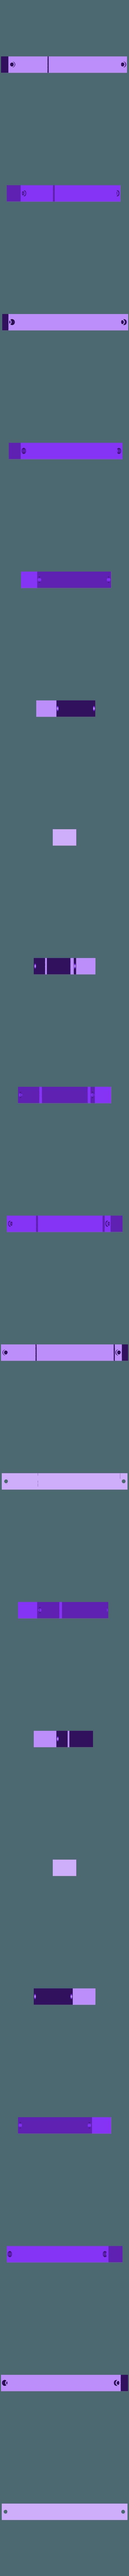 Mauser_98_Receiver_Jig.stl Télécharger fichier STL gratuit Gabarit de réception Mauser 98 • Modèle pour imprimante 3D, Punisher_4u